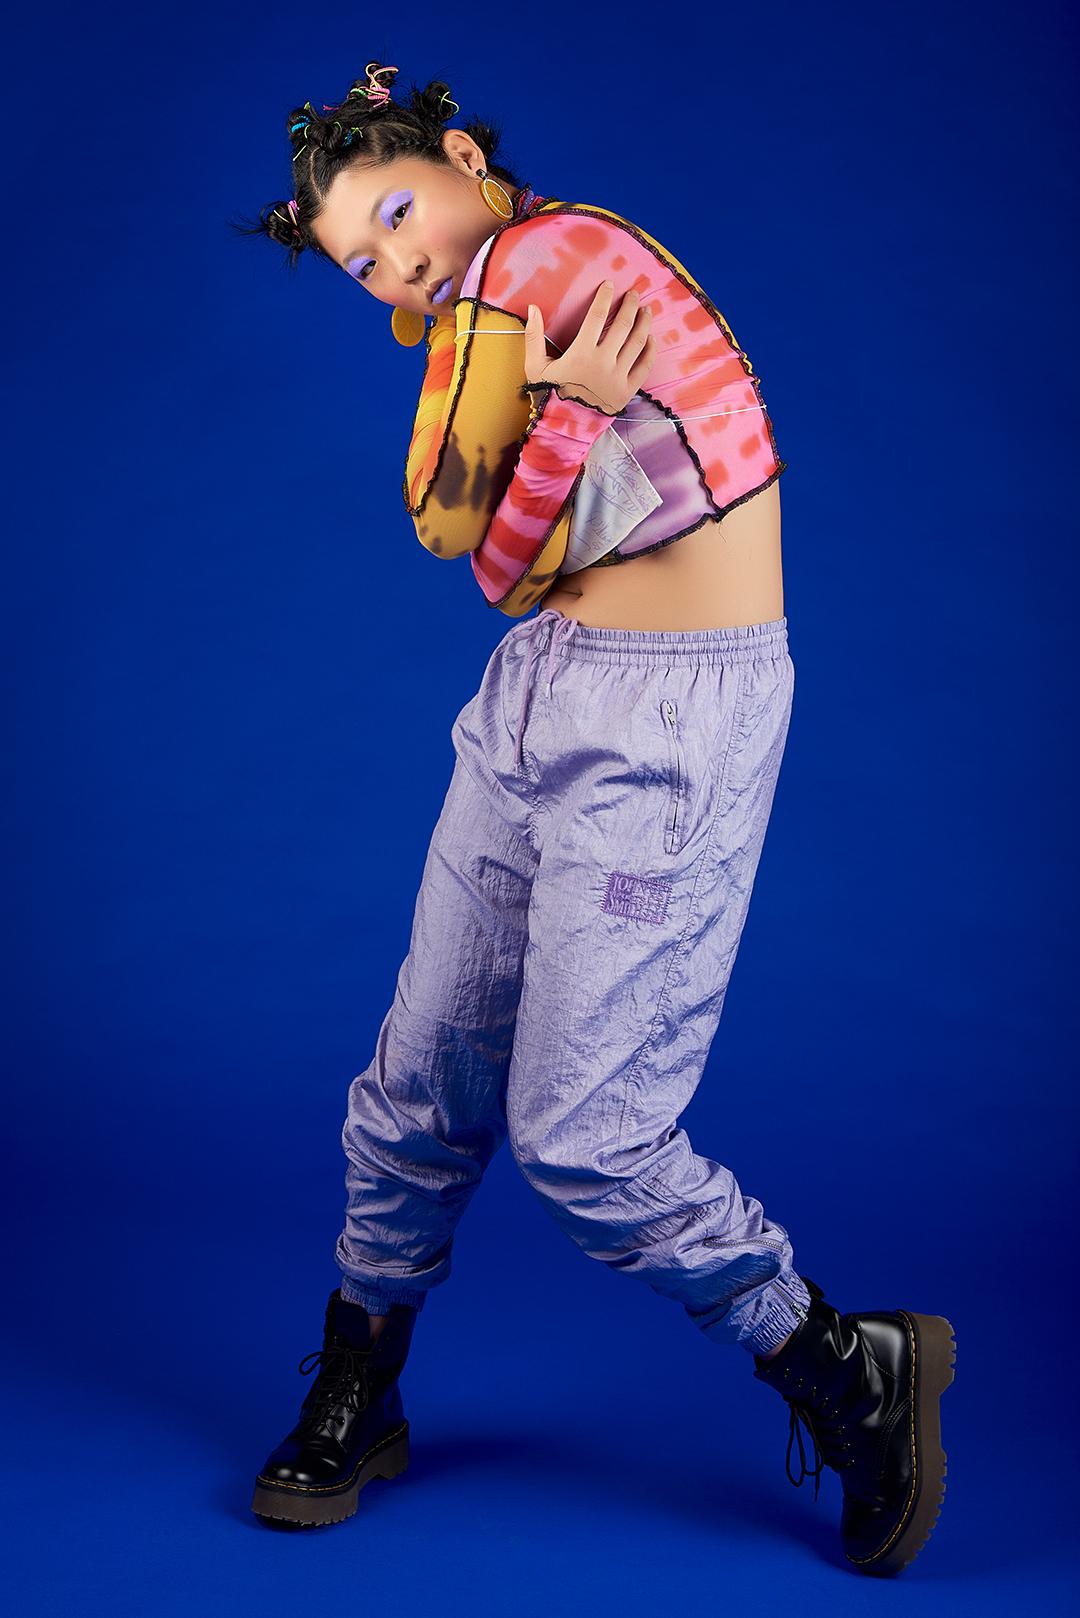 camiseta ASAI / top TINA PALAZON / pantalones JOHN SMITH / botas DR. MARTENS / accesorios ALIEXPRESS